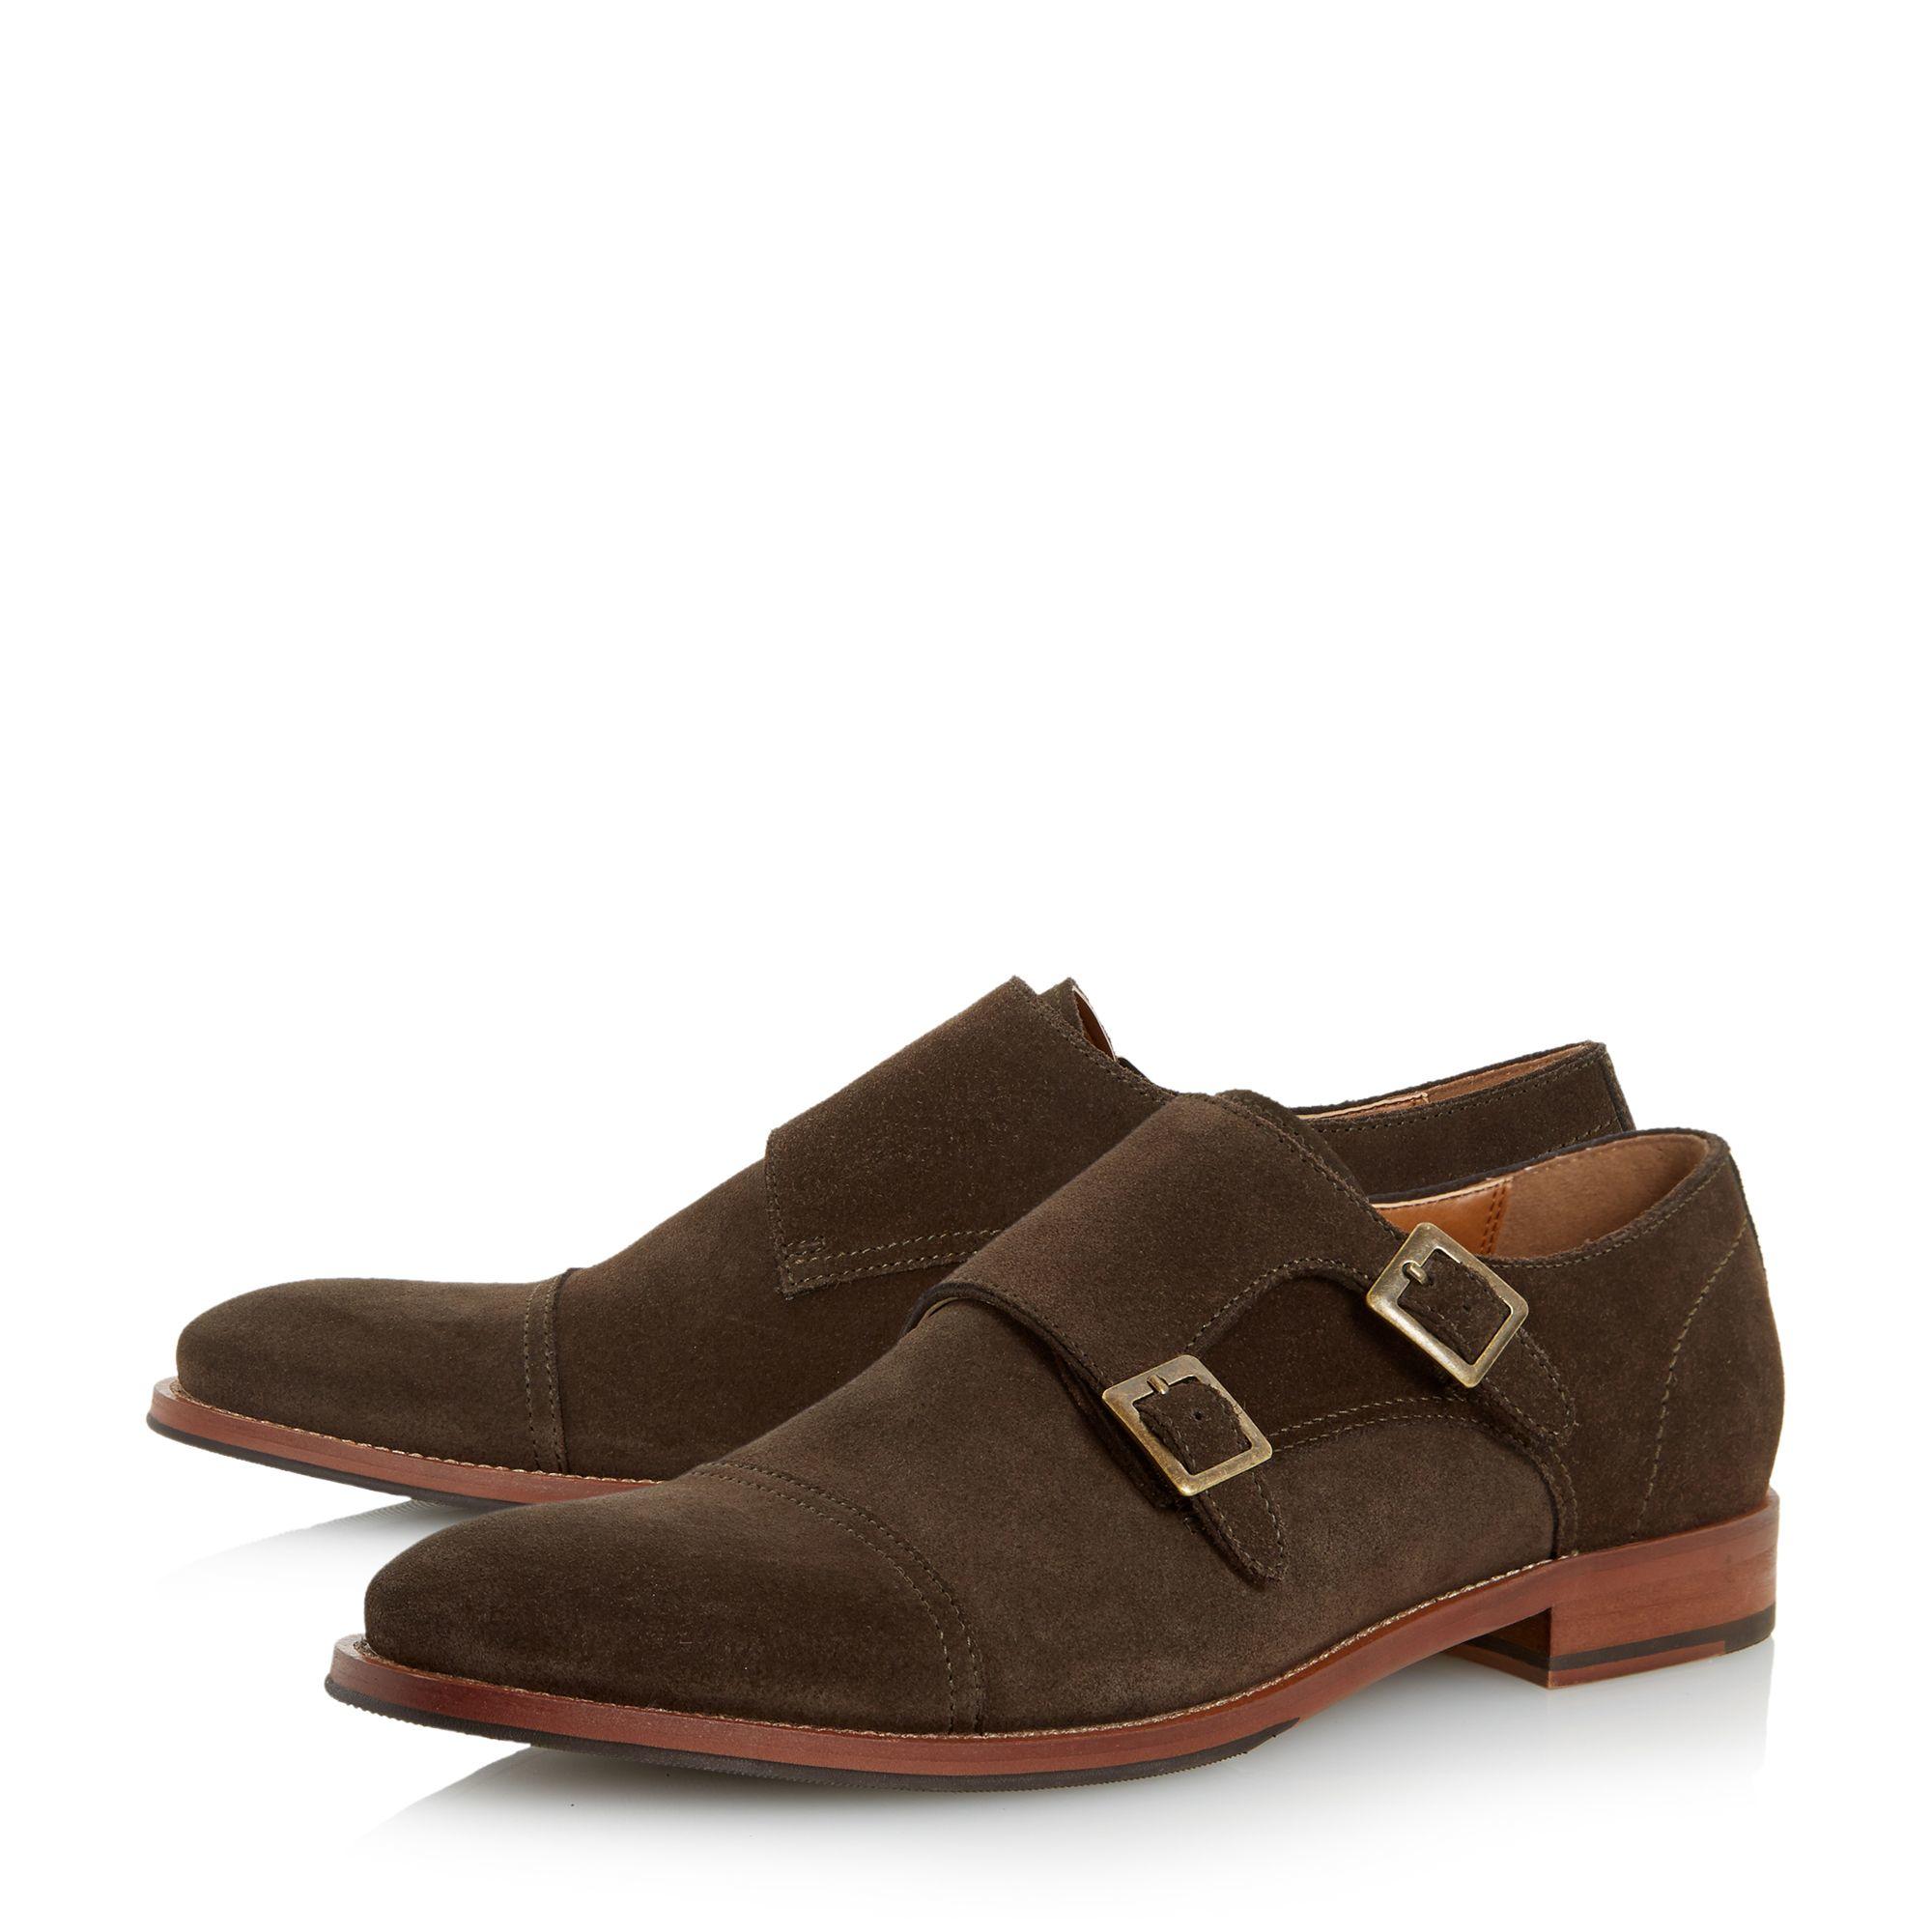 Chaussures Moine Dune En Daim Brun - Brun bm2hnd5iAk